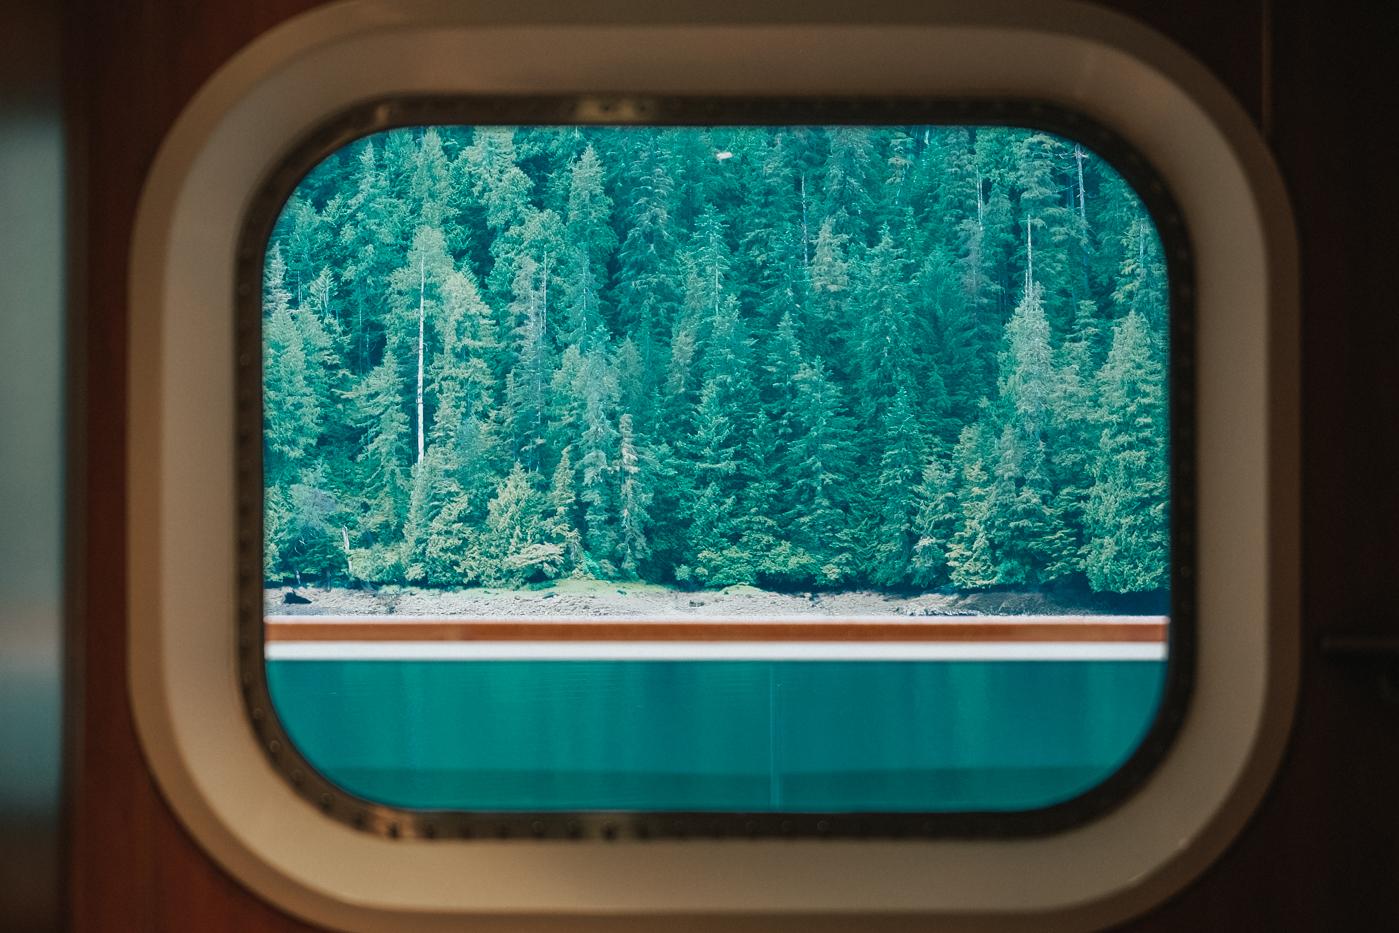 cruise-ship-window-alaska.jpg